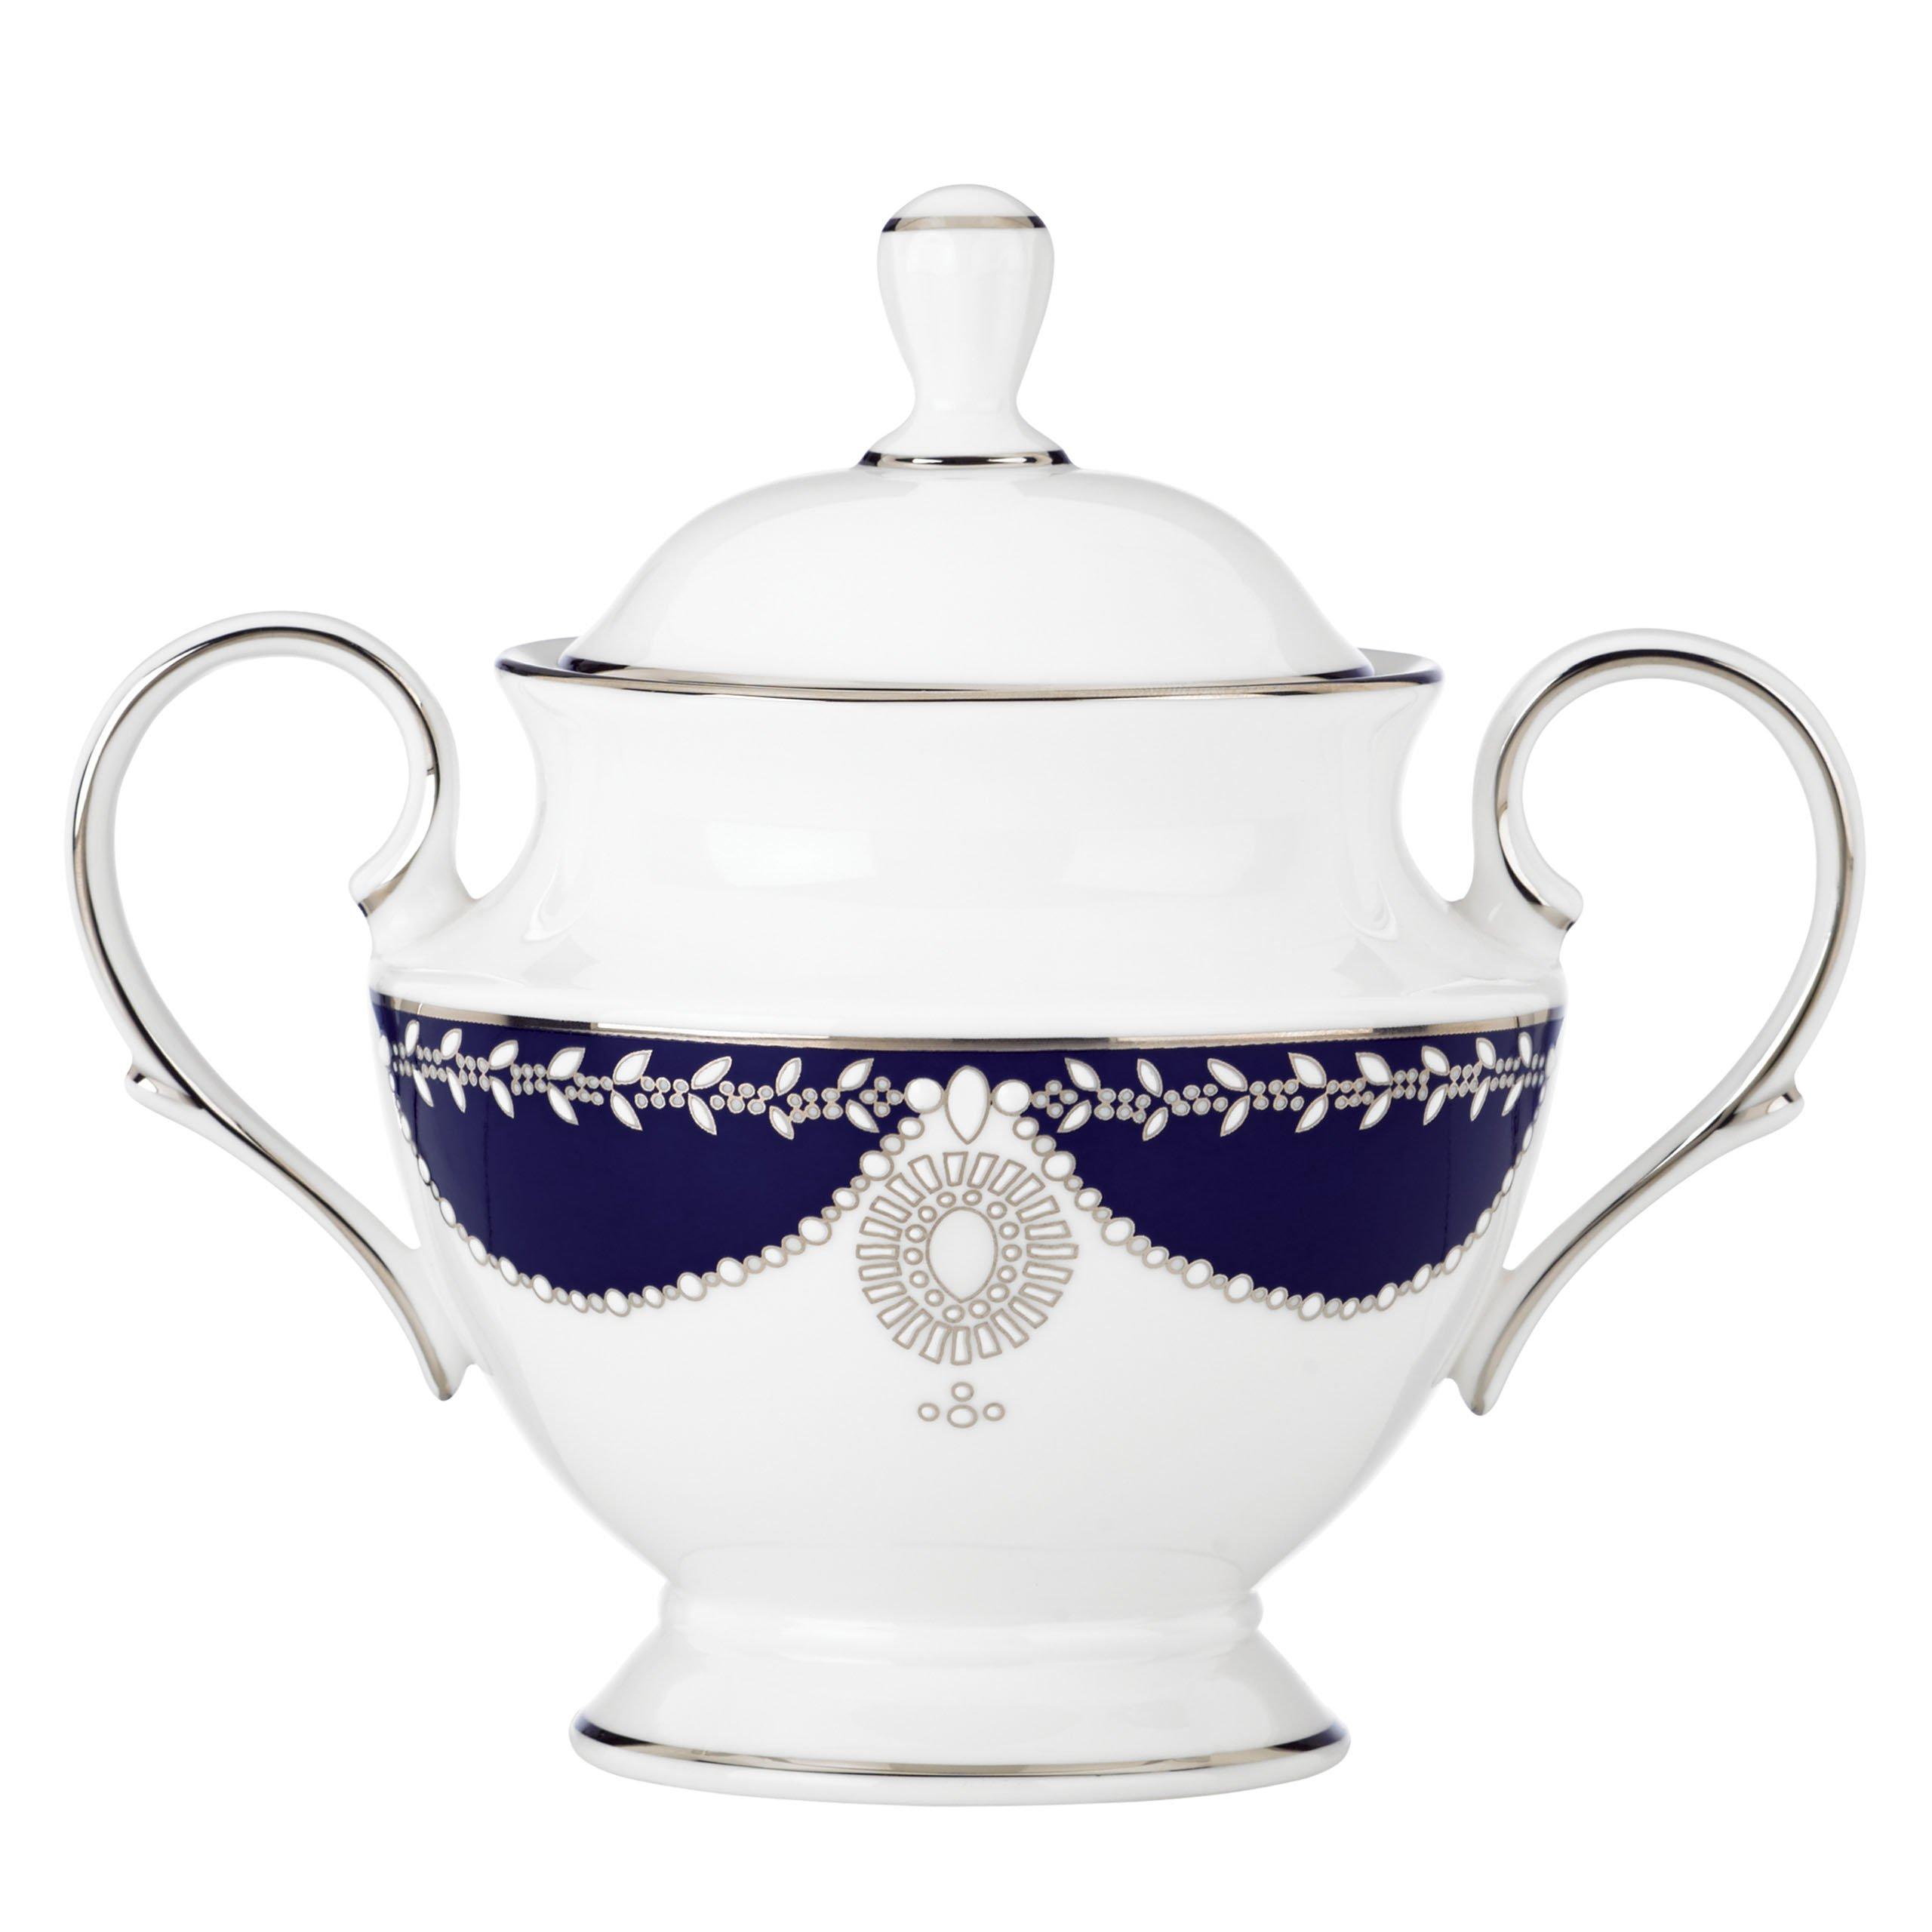 Lenox Marchesa Empire Sugar Bowl, Pearl Indigo by Lenox (Image #1)